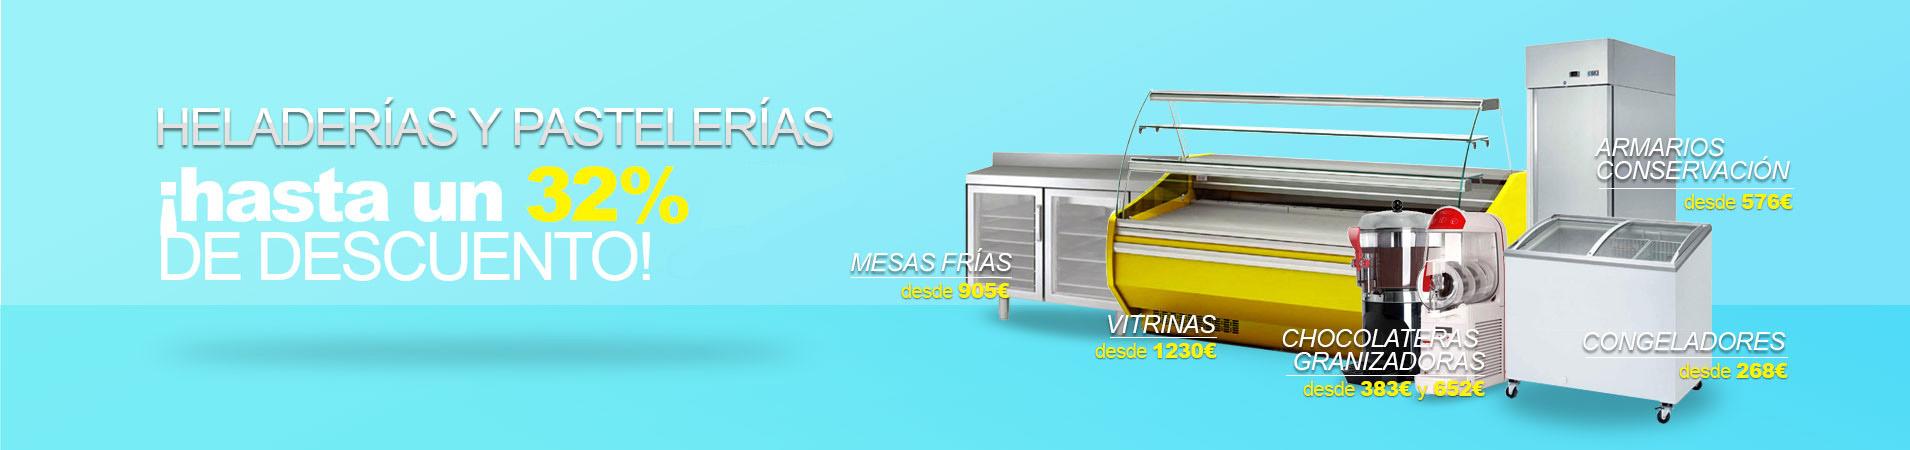 maquinaria-heladeria-pasteleria-slideshow